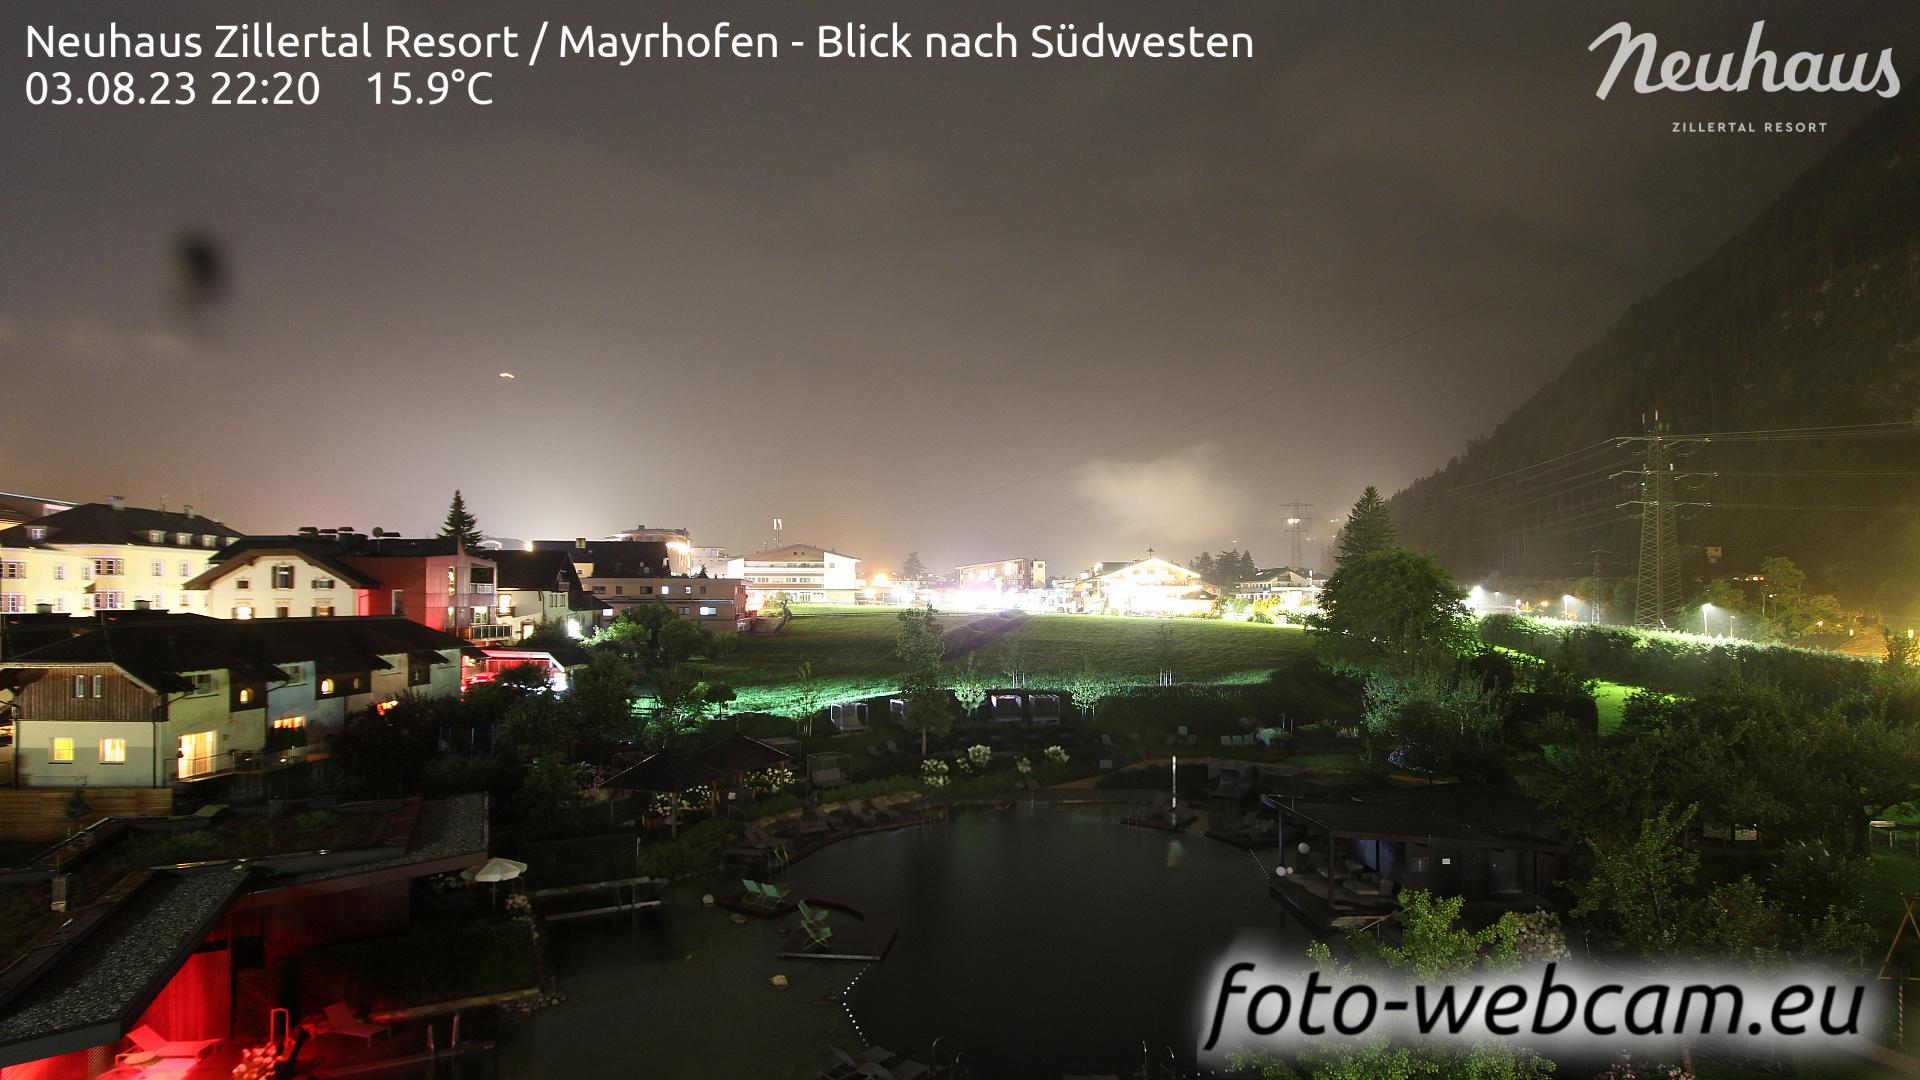 Mayrhofen Sun. 22:33